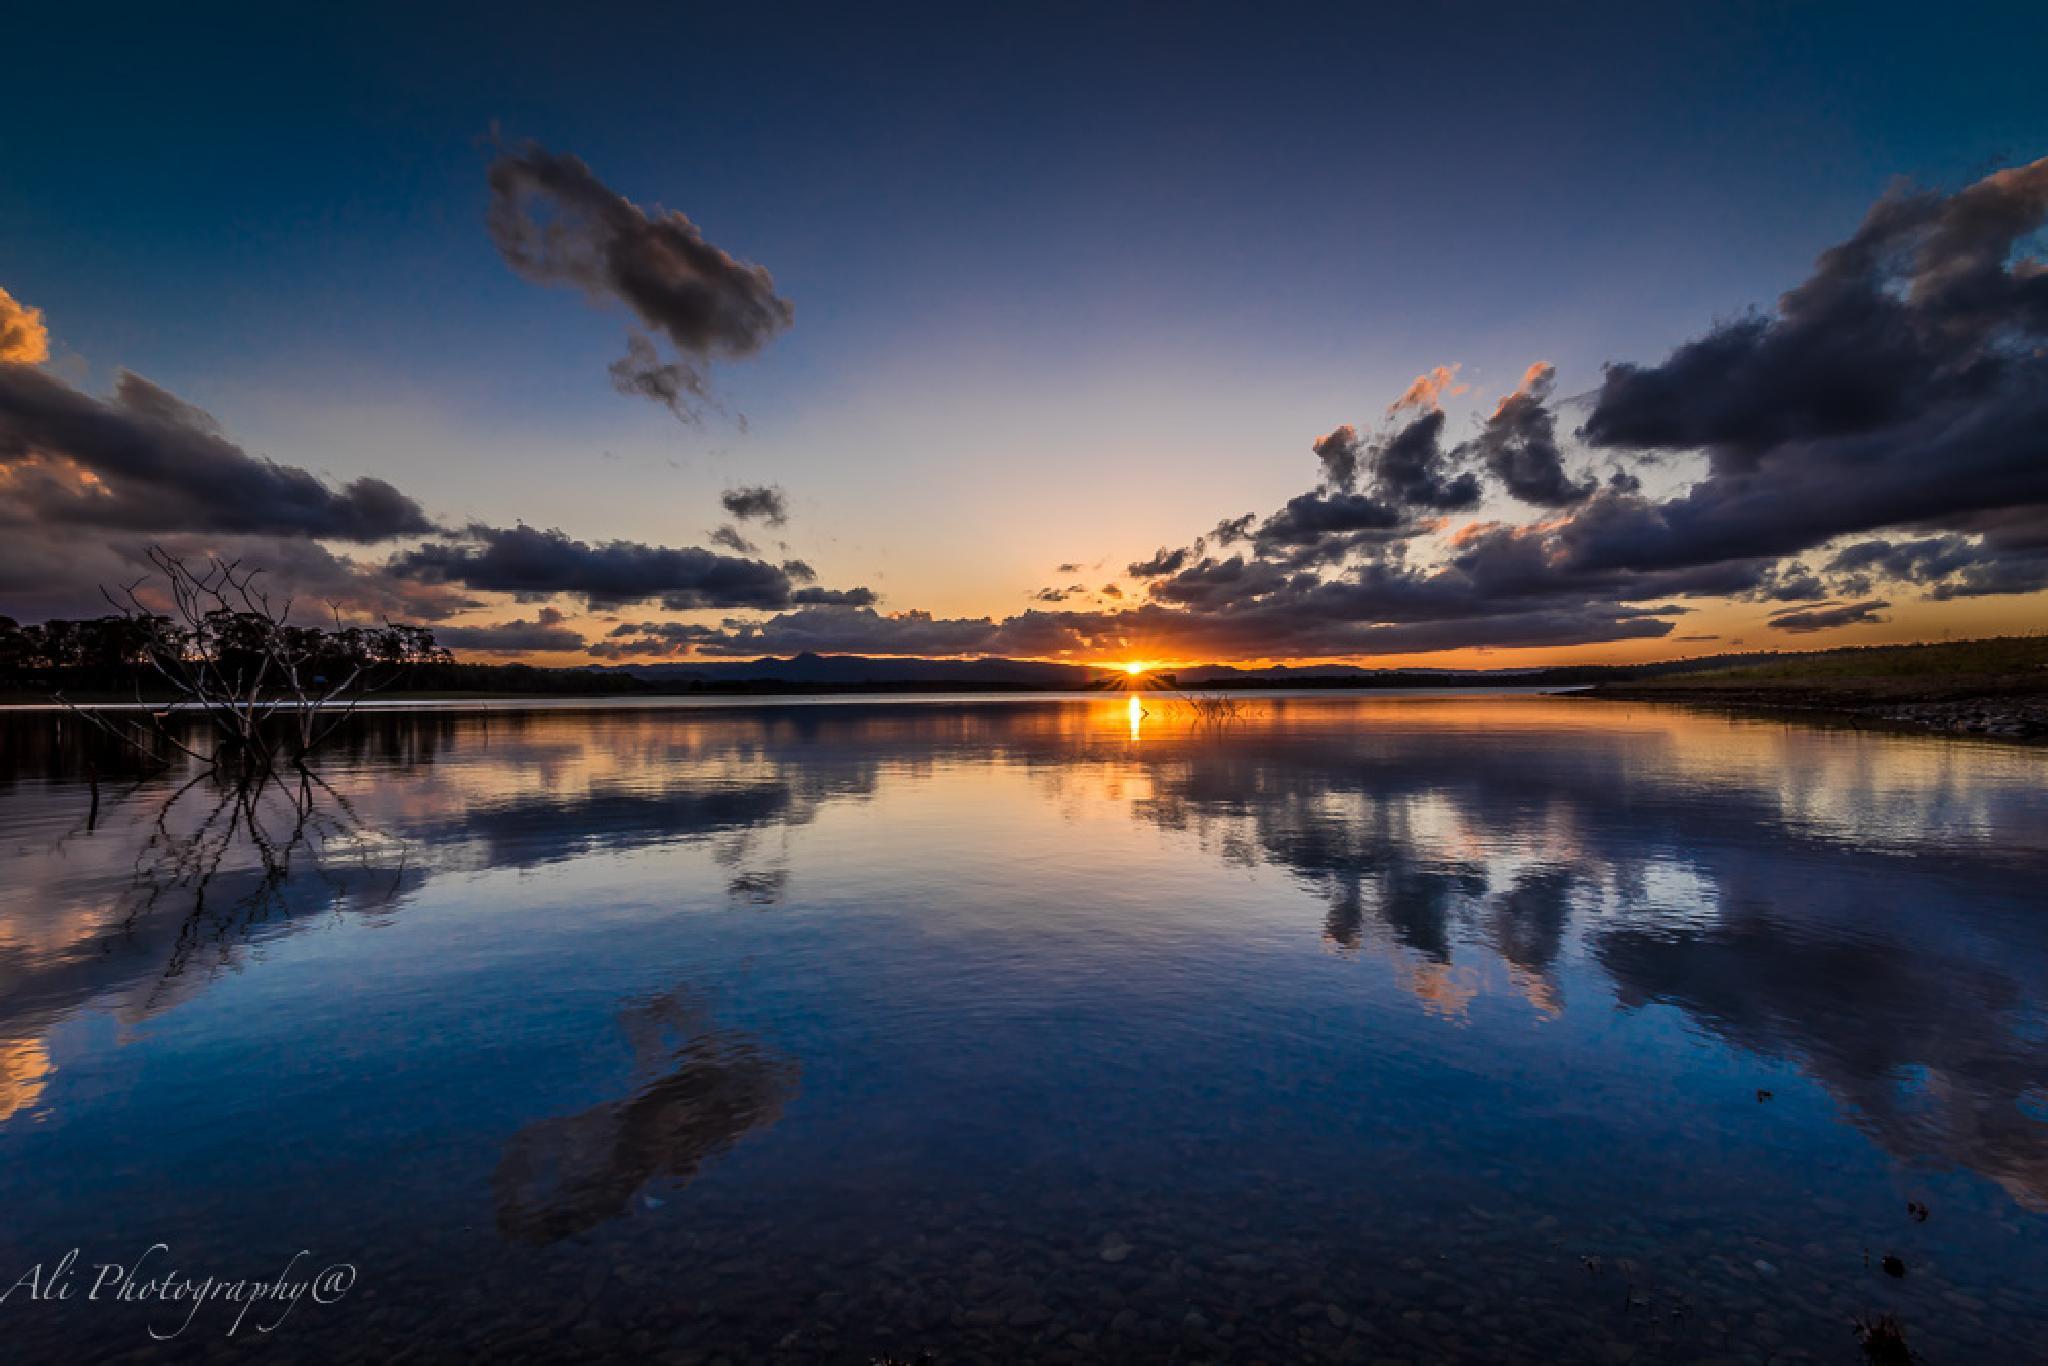 lake Samsonvale Sunset by Ali Saadat